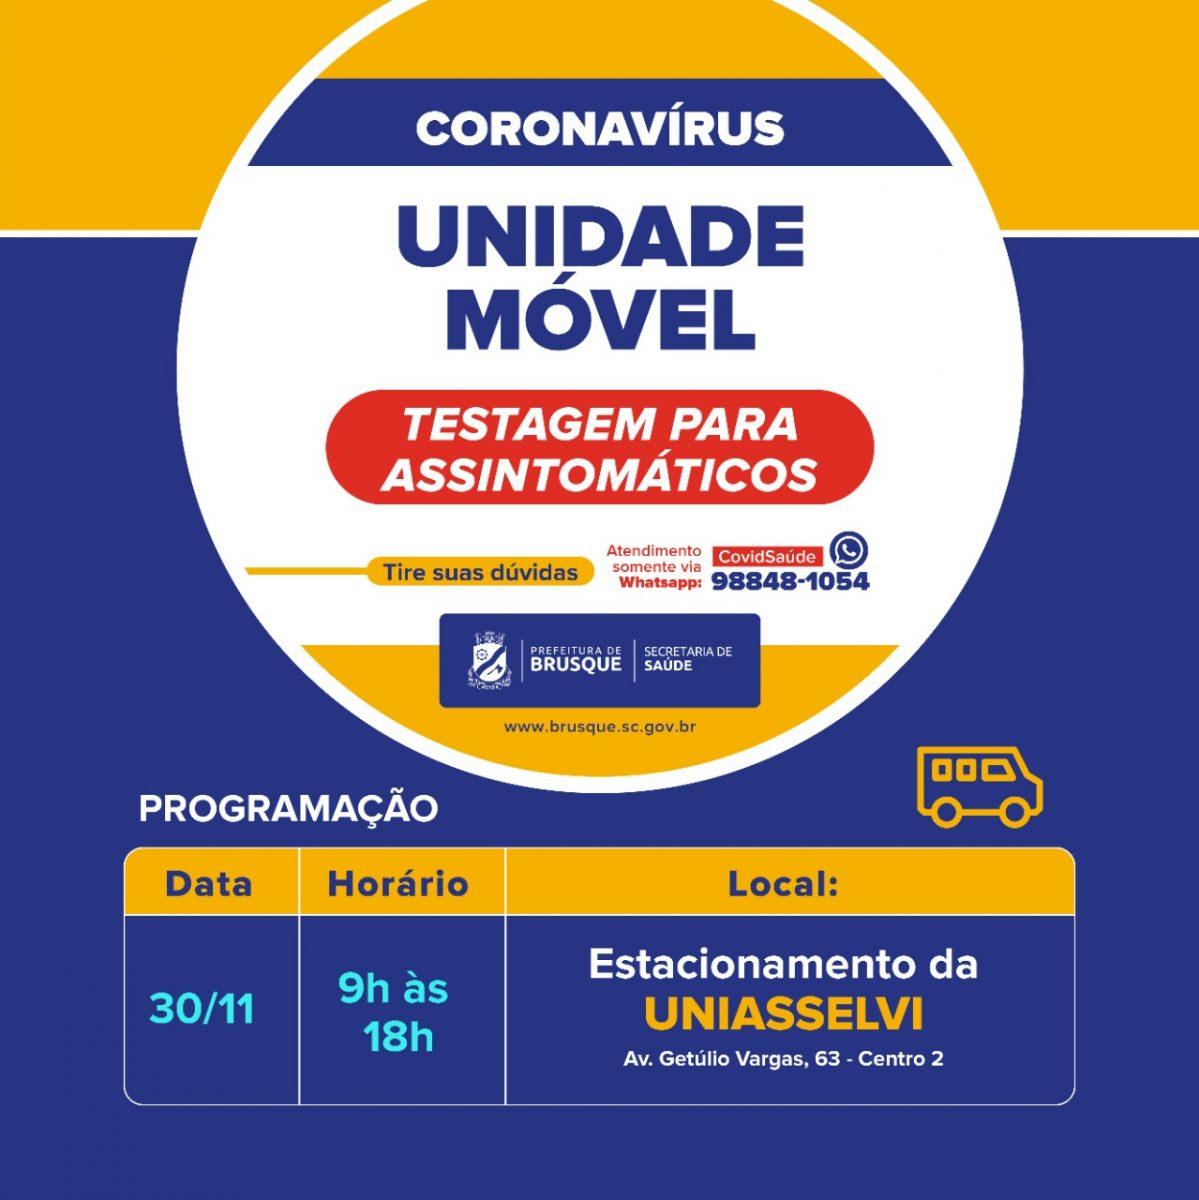 Covid-19: Unidade Móvel estará no estacionamento da Uniasselvi na segunda-feira (30)